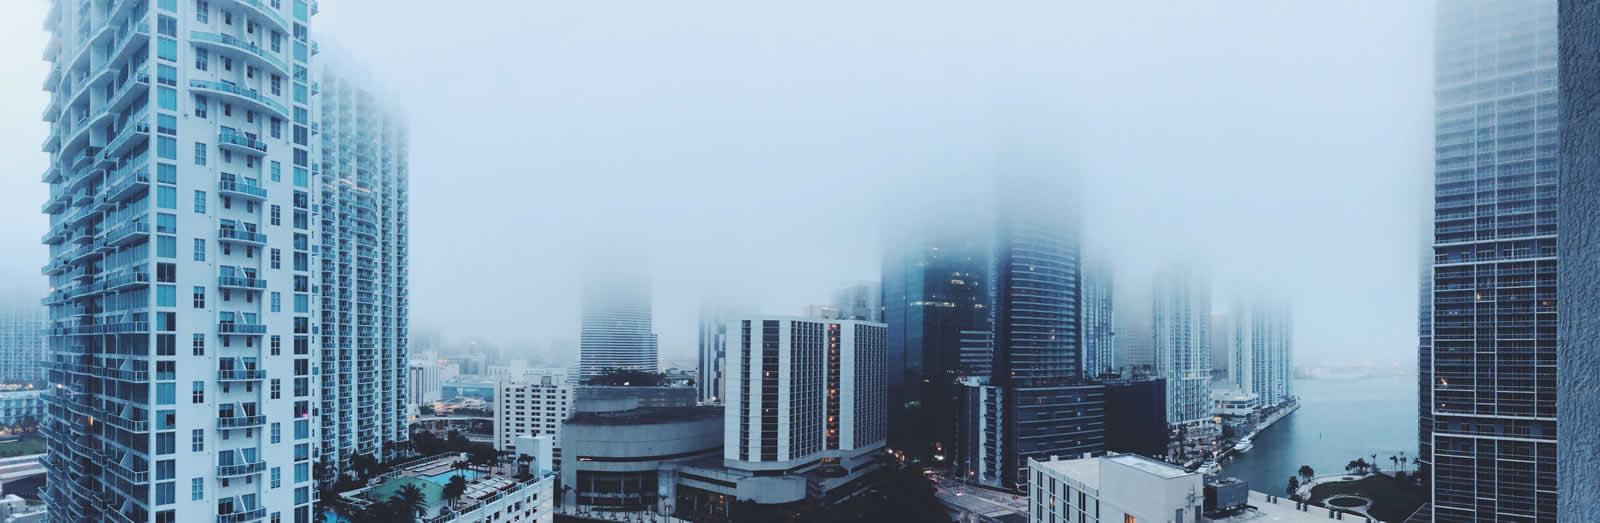 Que faire un jour de pluie à Miami ?